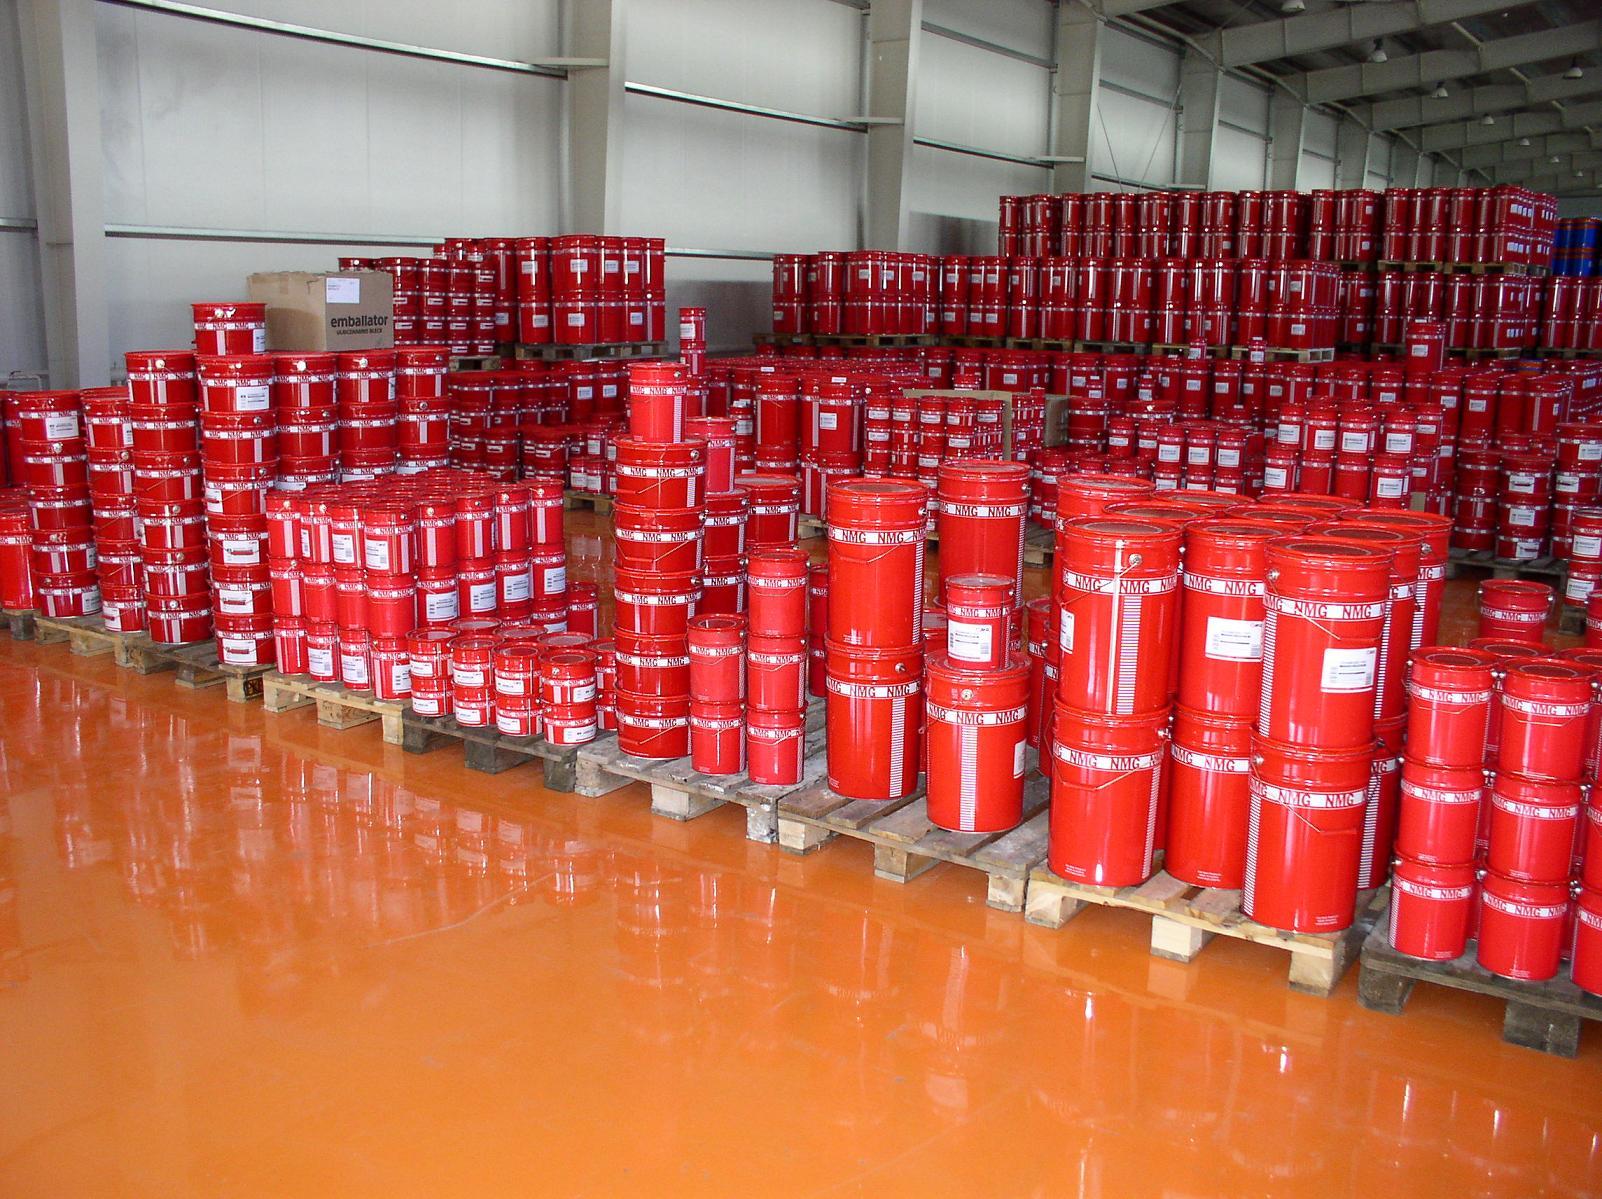 приступ завод лакокрасочных изделий выпускает краску в упаковках работу вахтовым методом